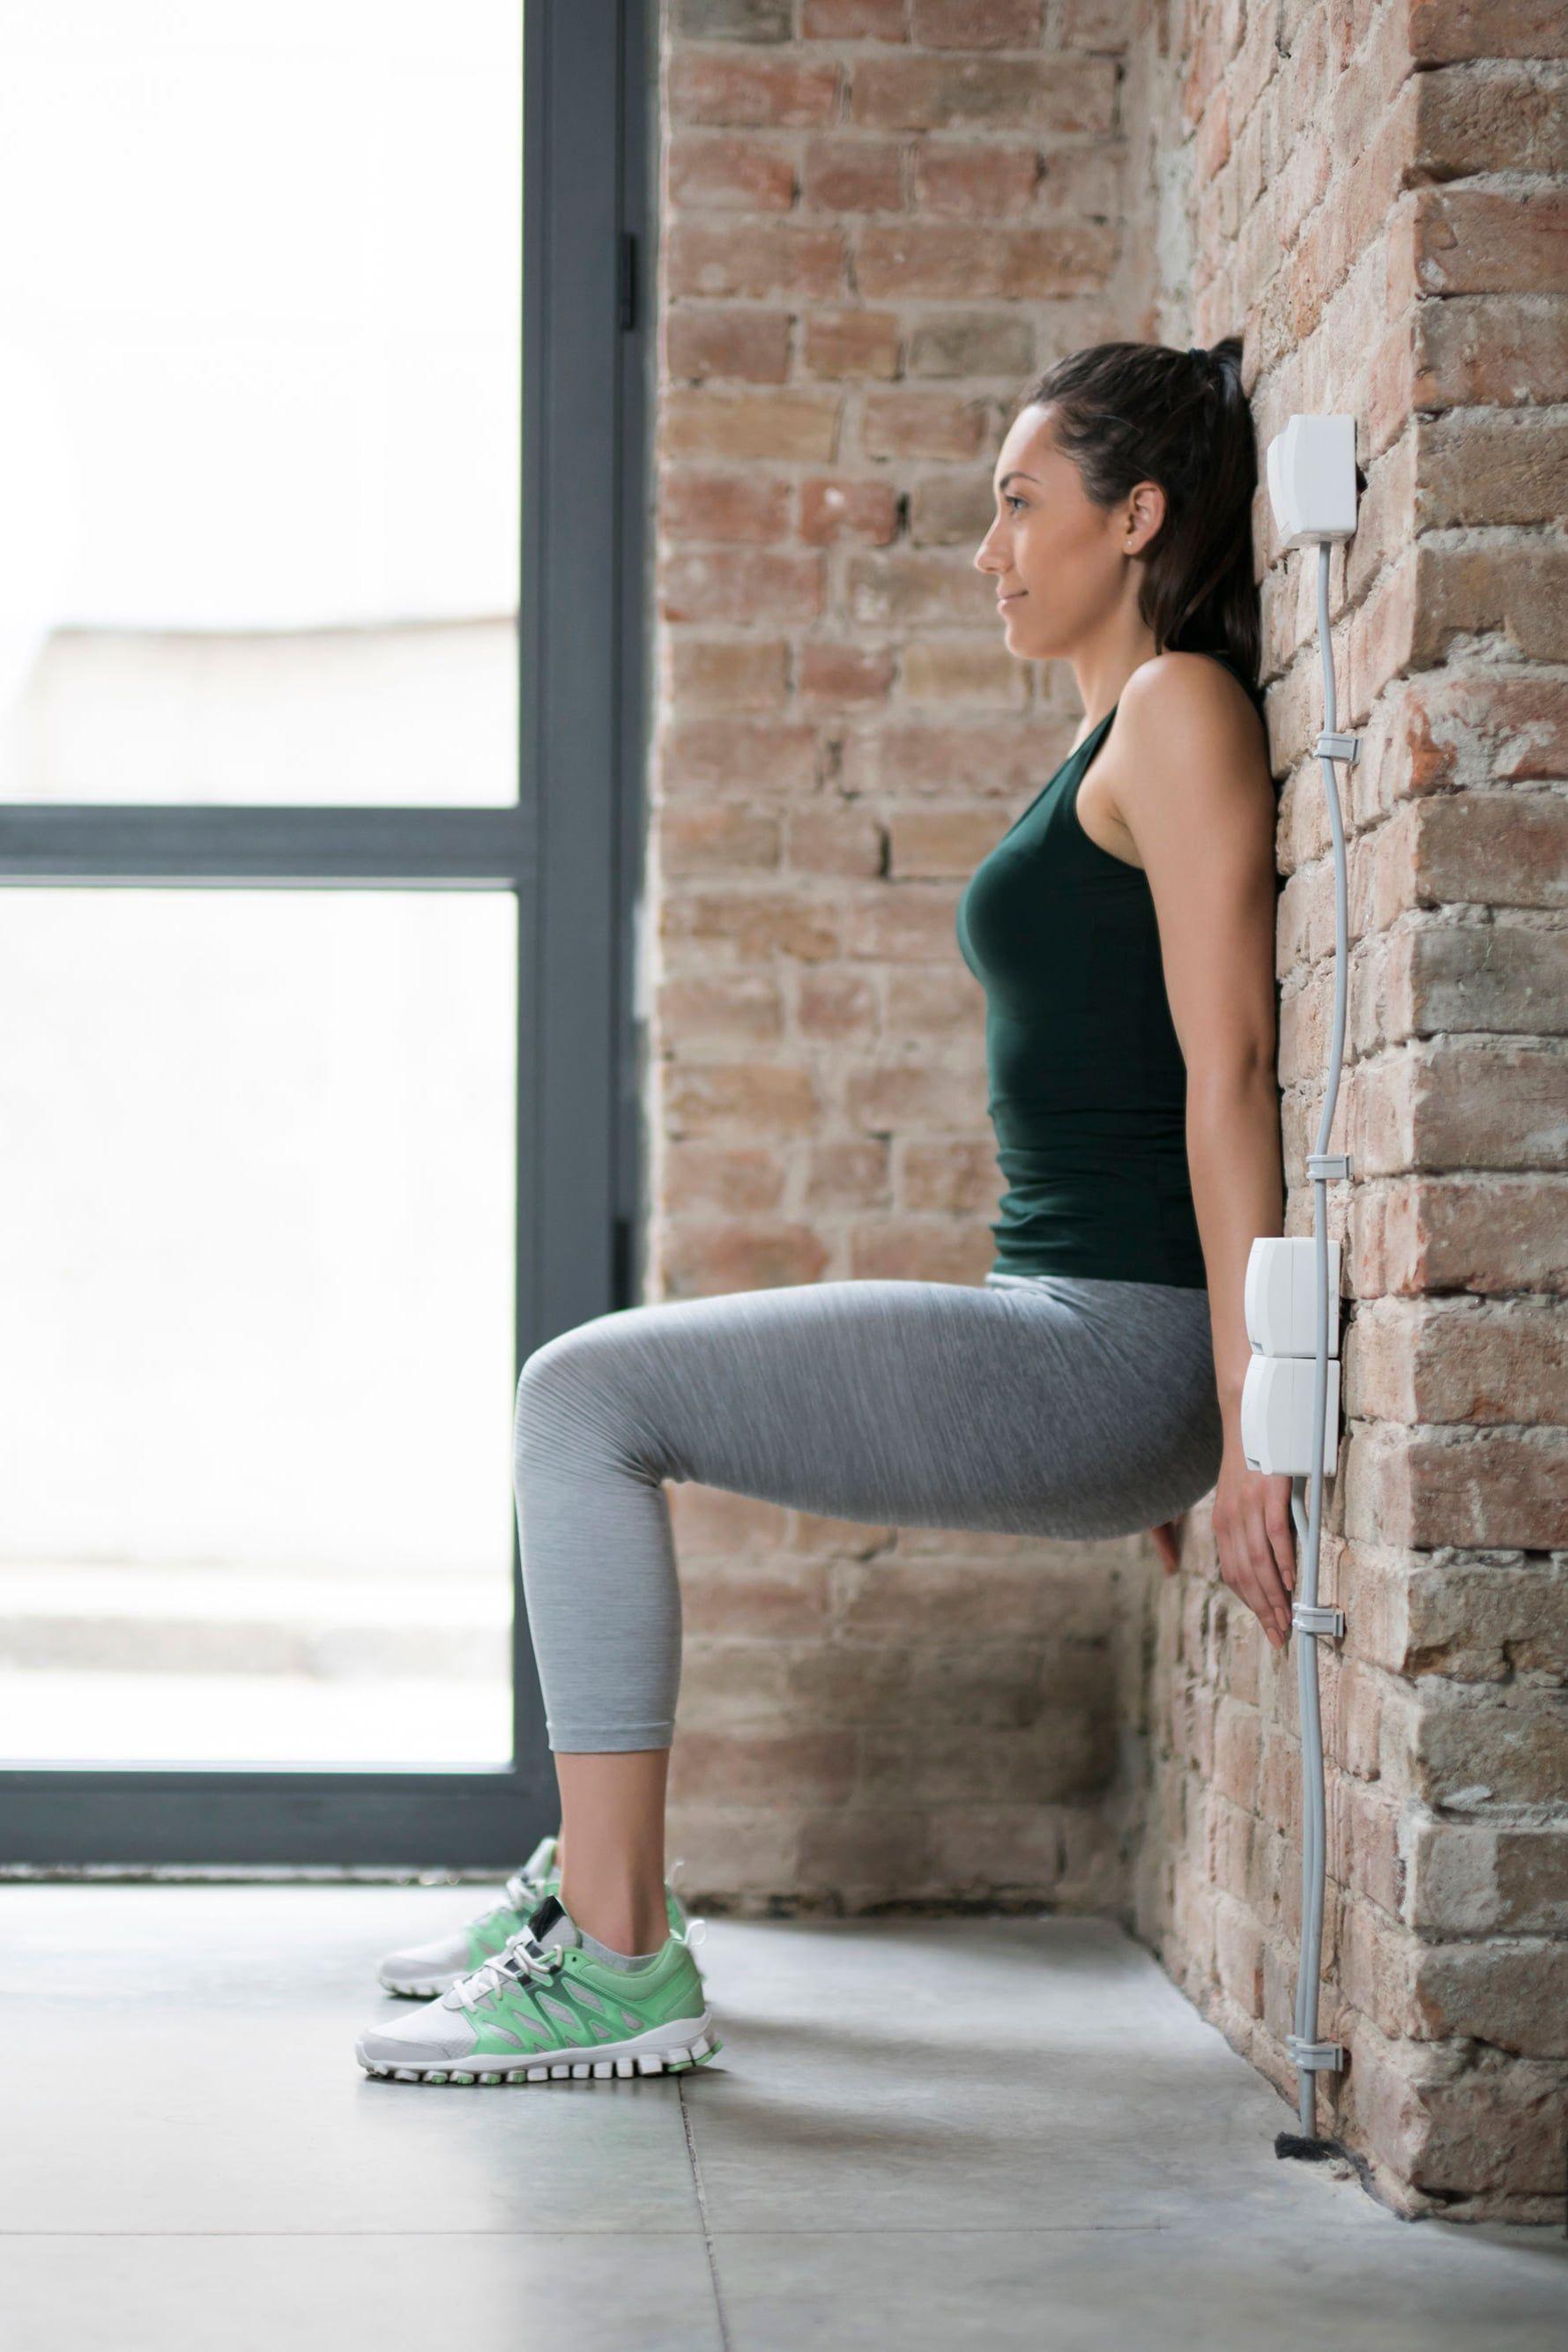 Mỗi tối đứng dựa vào tường 5 phút là giảm cân nhanh chóng, chân và đùi săn chắc rõ rệt - Ảnh 4.